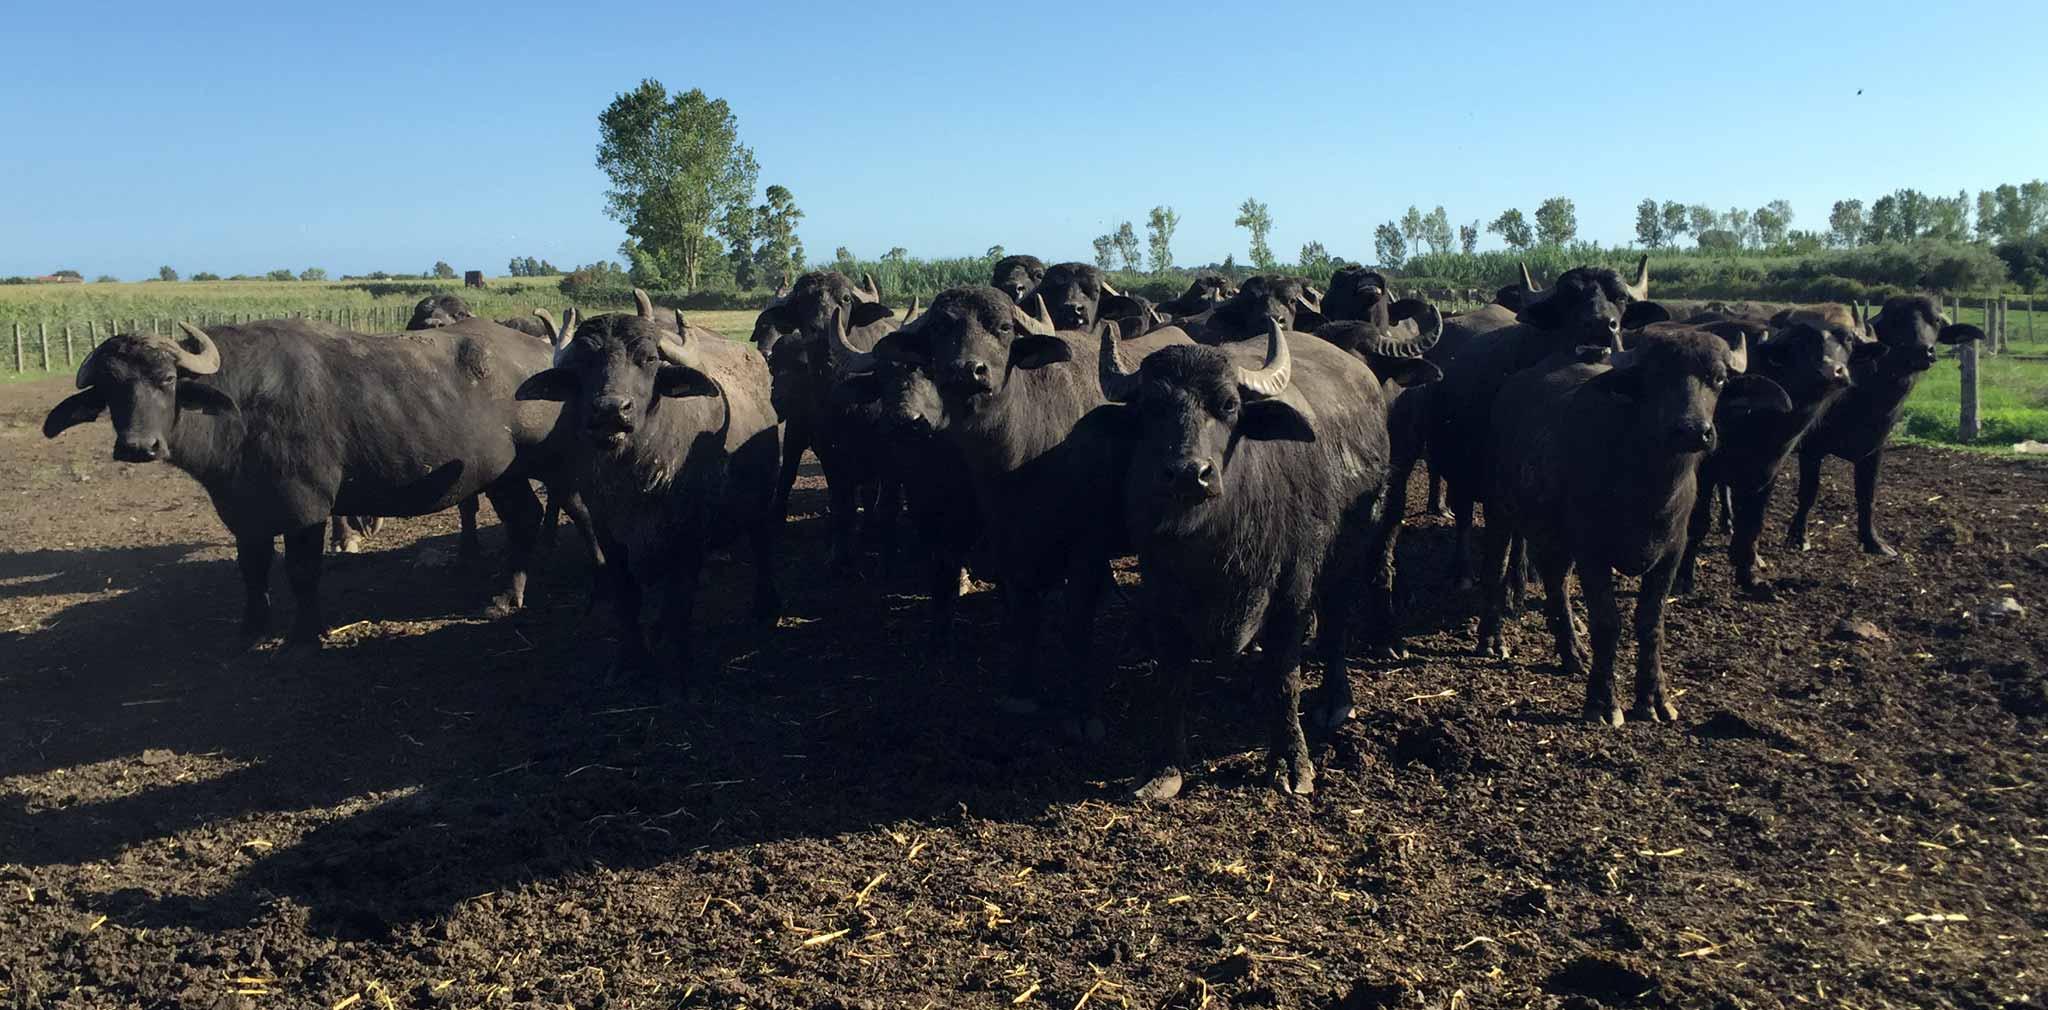 mozzarella di bufala e bufale